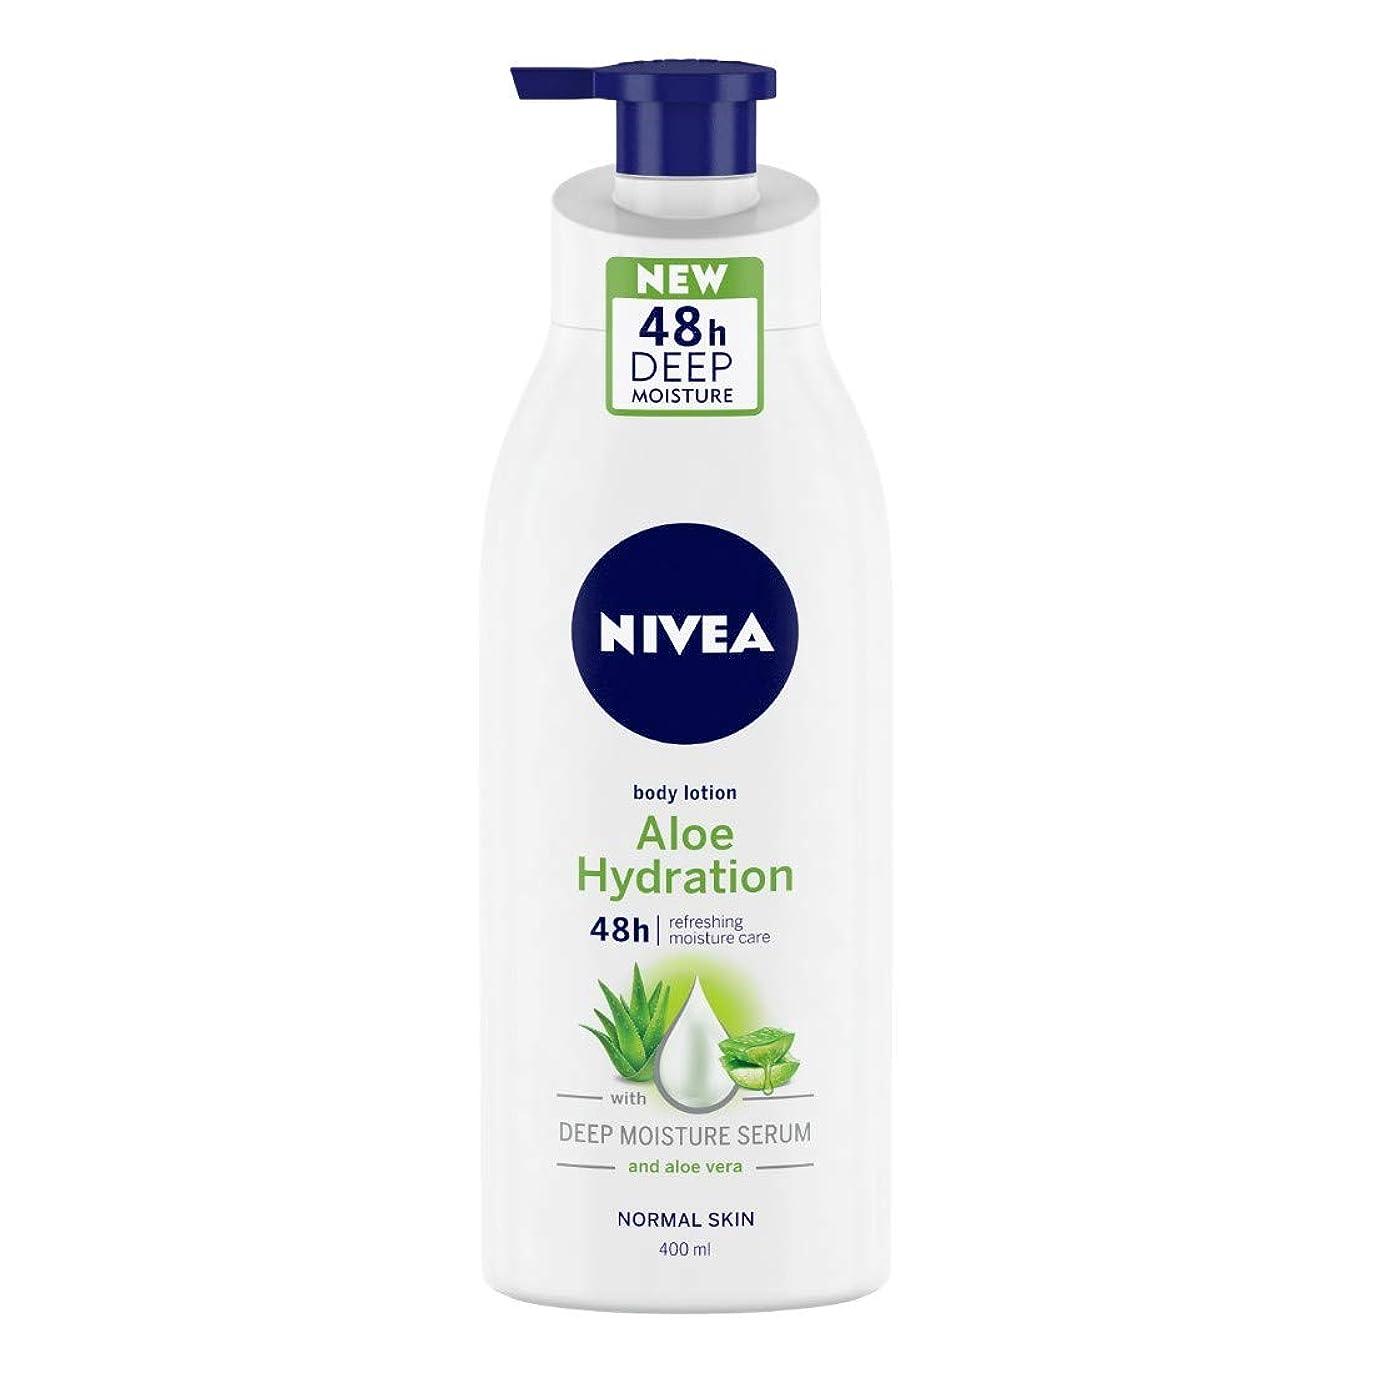 口頭労苦バーストNIVEA Aloe Hydration Body Lotion, 400ml, with deep moisture serum and aloe vera for normal skin